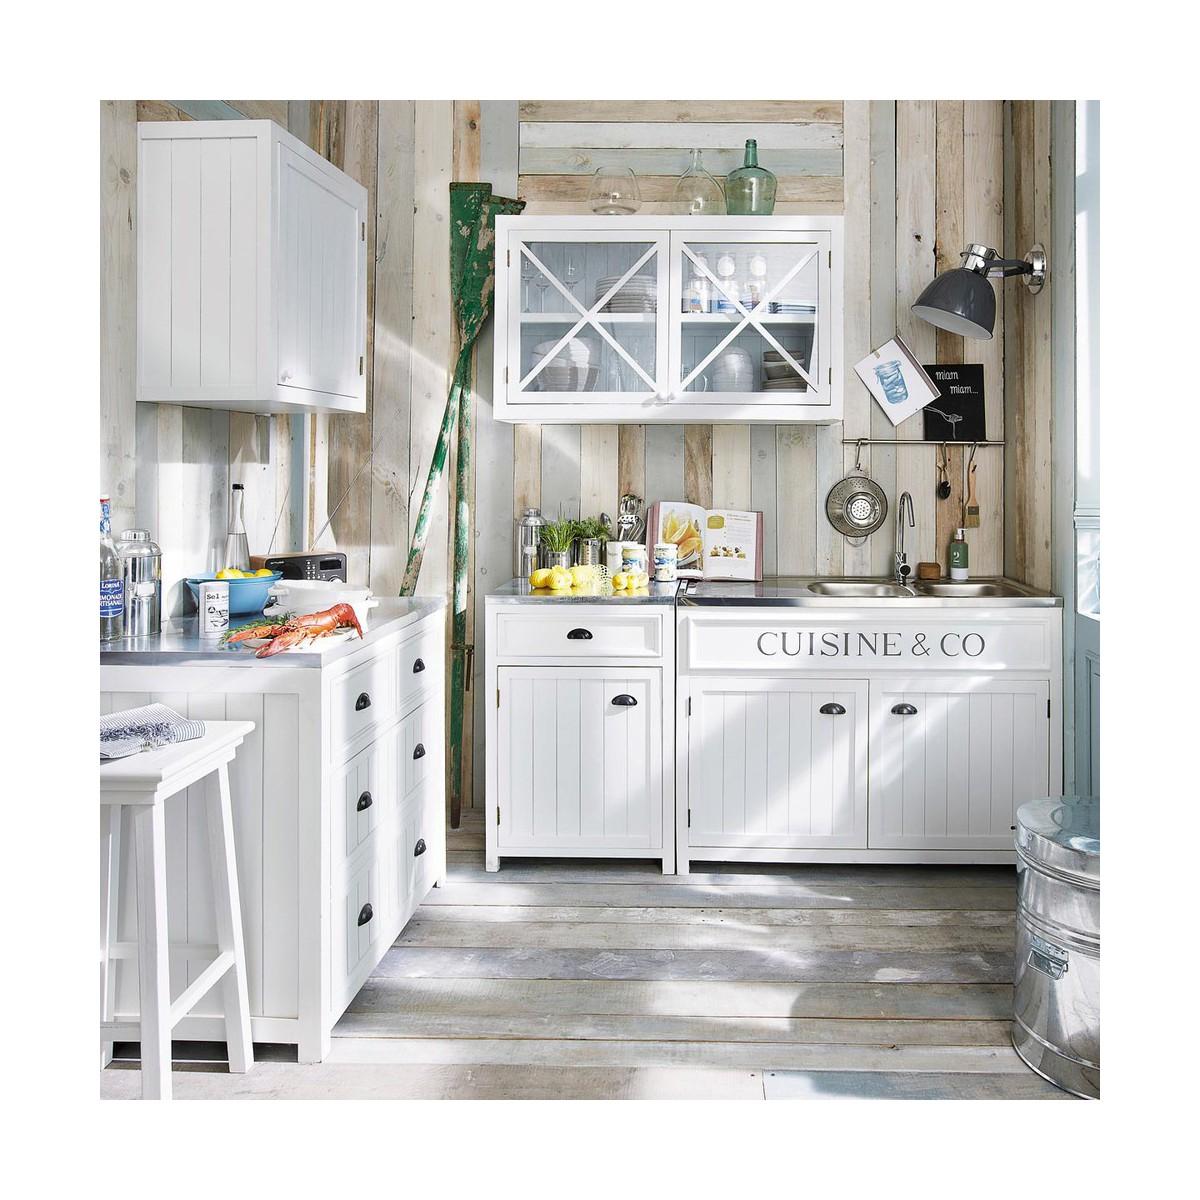 meuble bas de cuisine en bois blanc l 90 cm - Meuble Cuisine 90 Cm